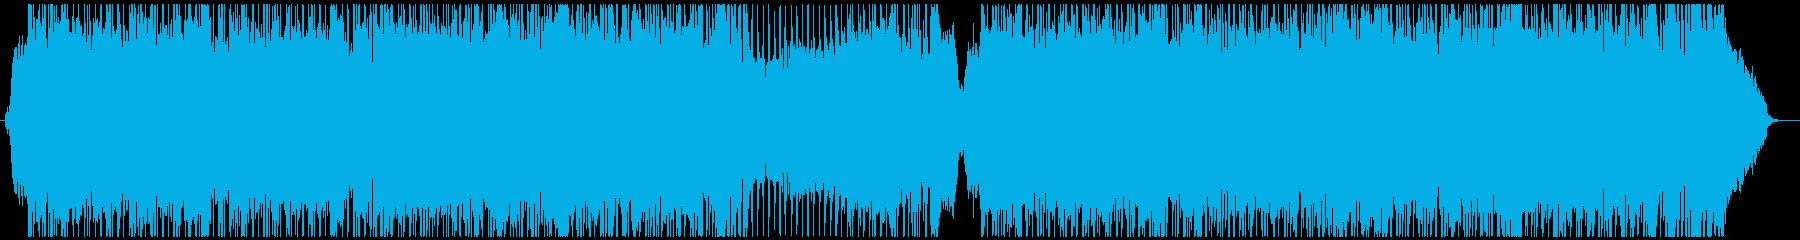 感動的なストリングスとギターポップ 2の再生済みの波形